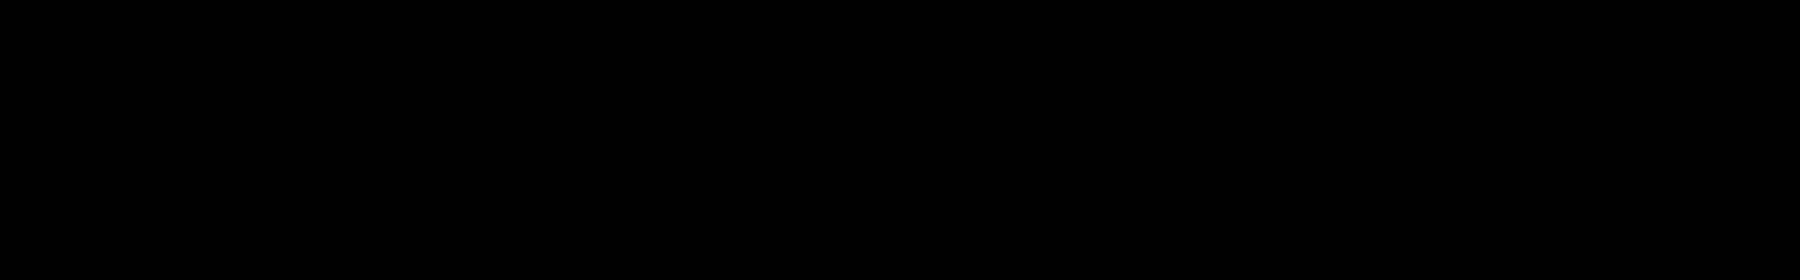 Riemann Techno Drums 2 audio waveform